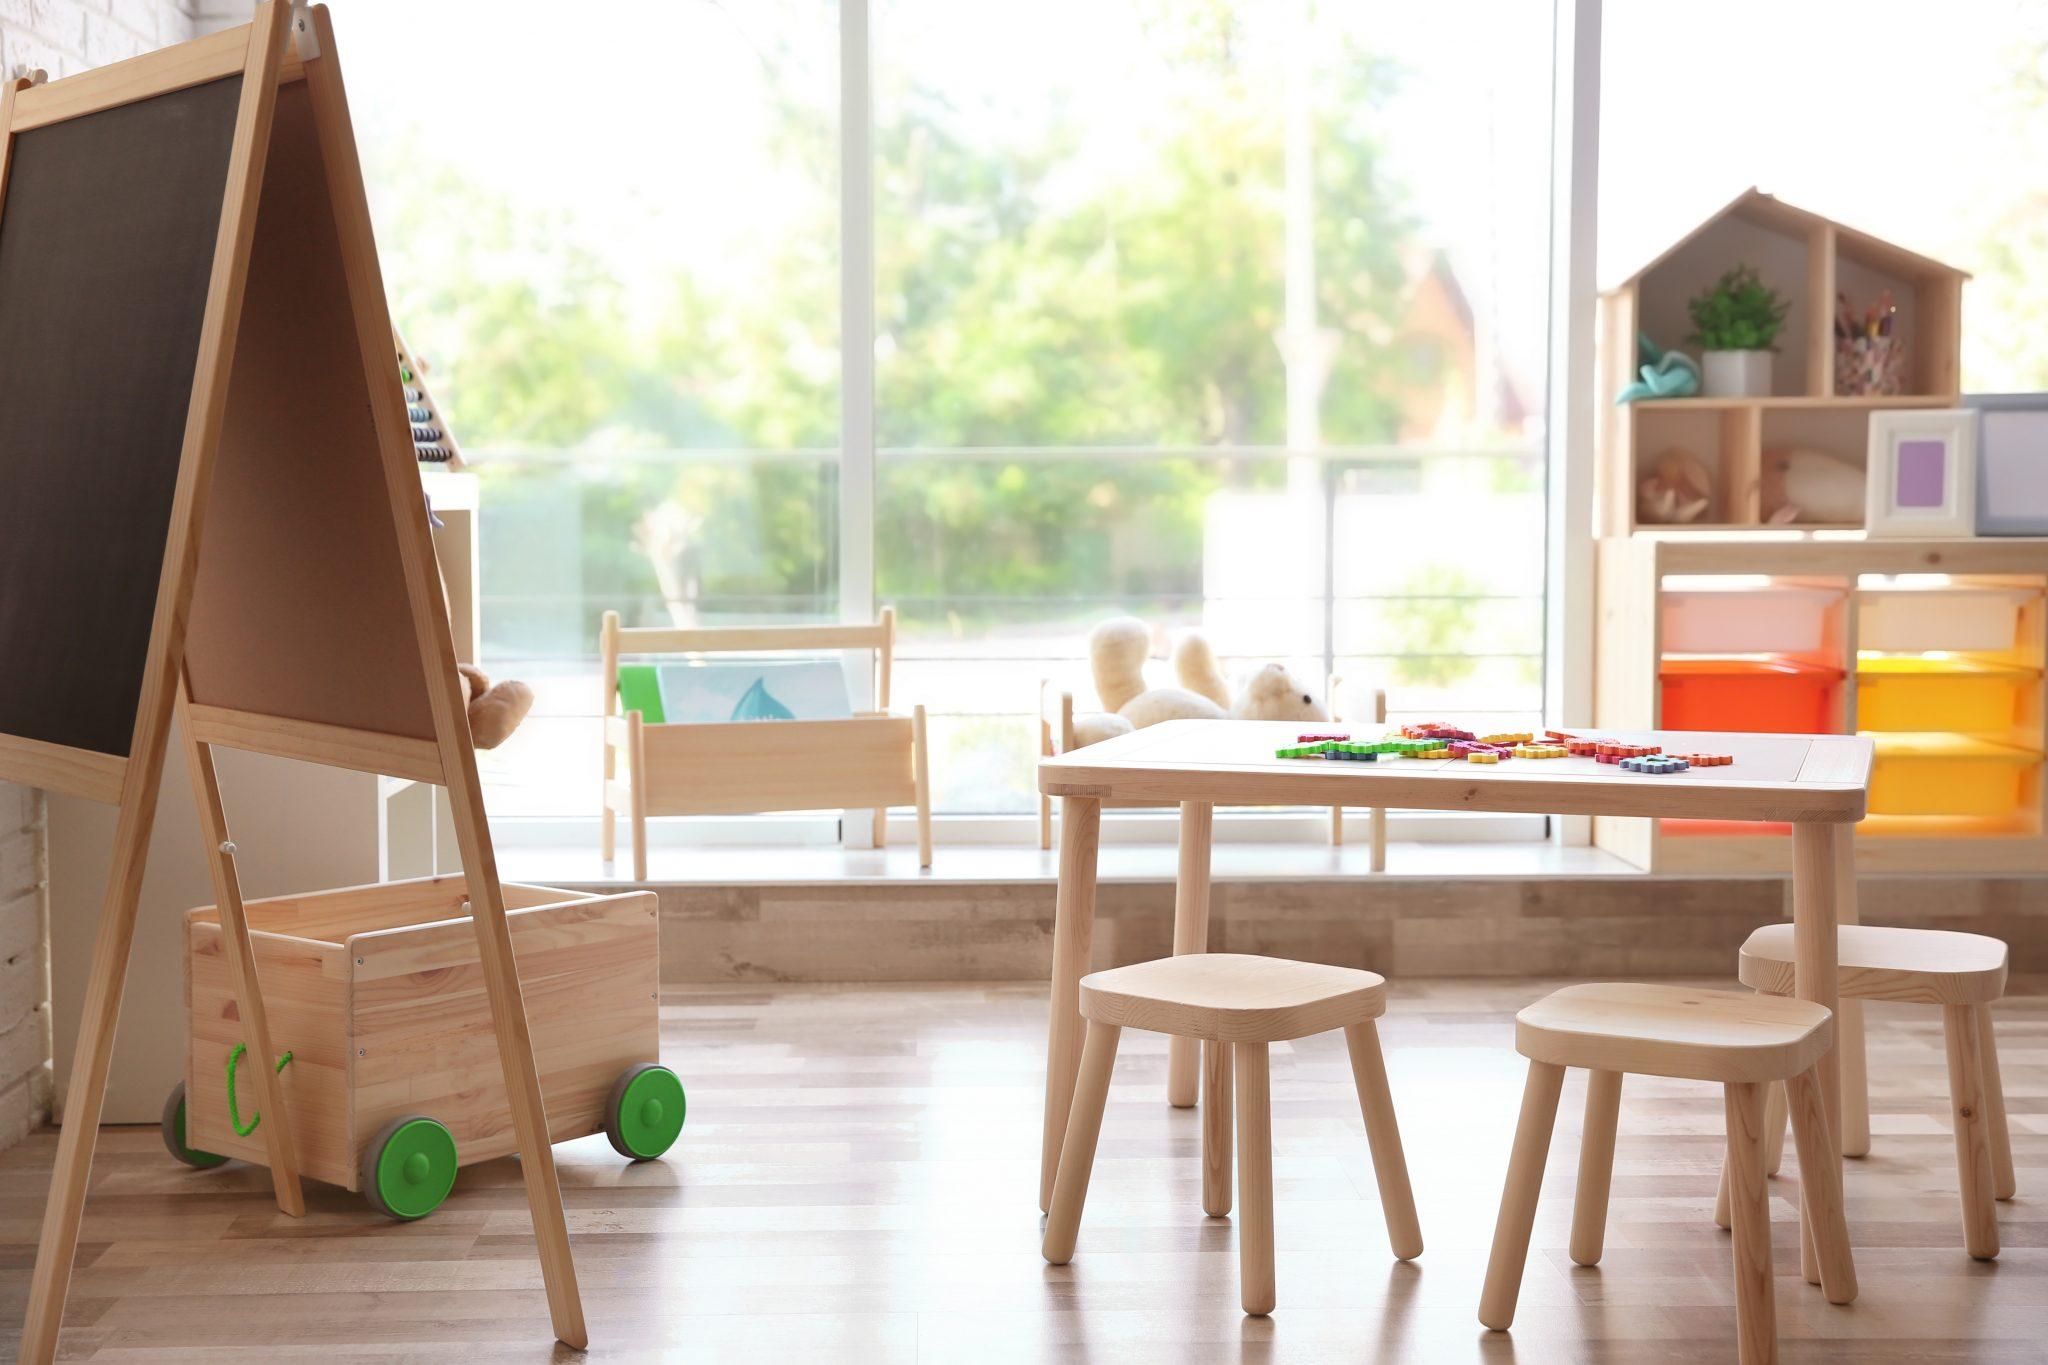 History of Kindergarten